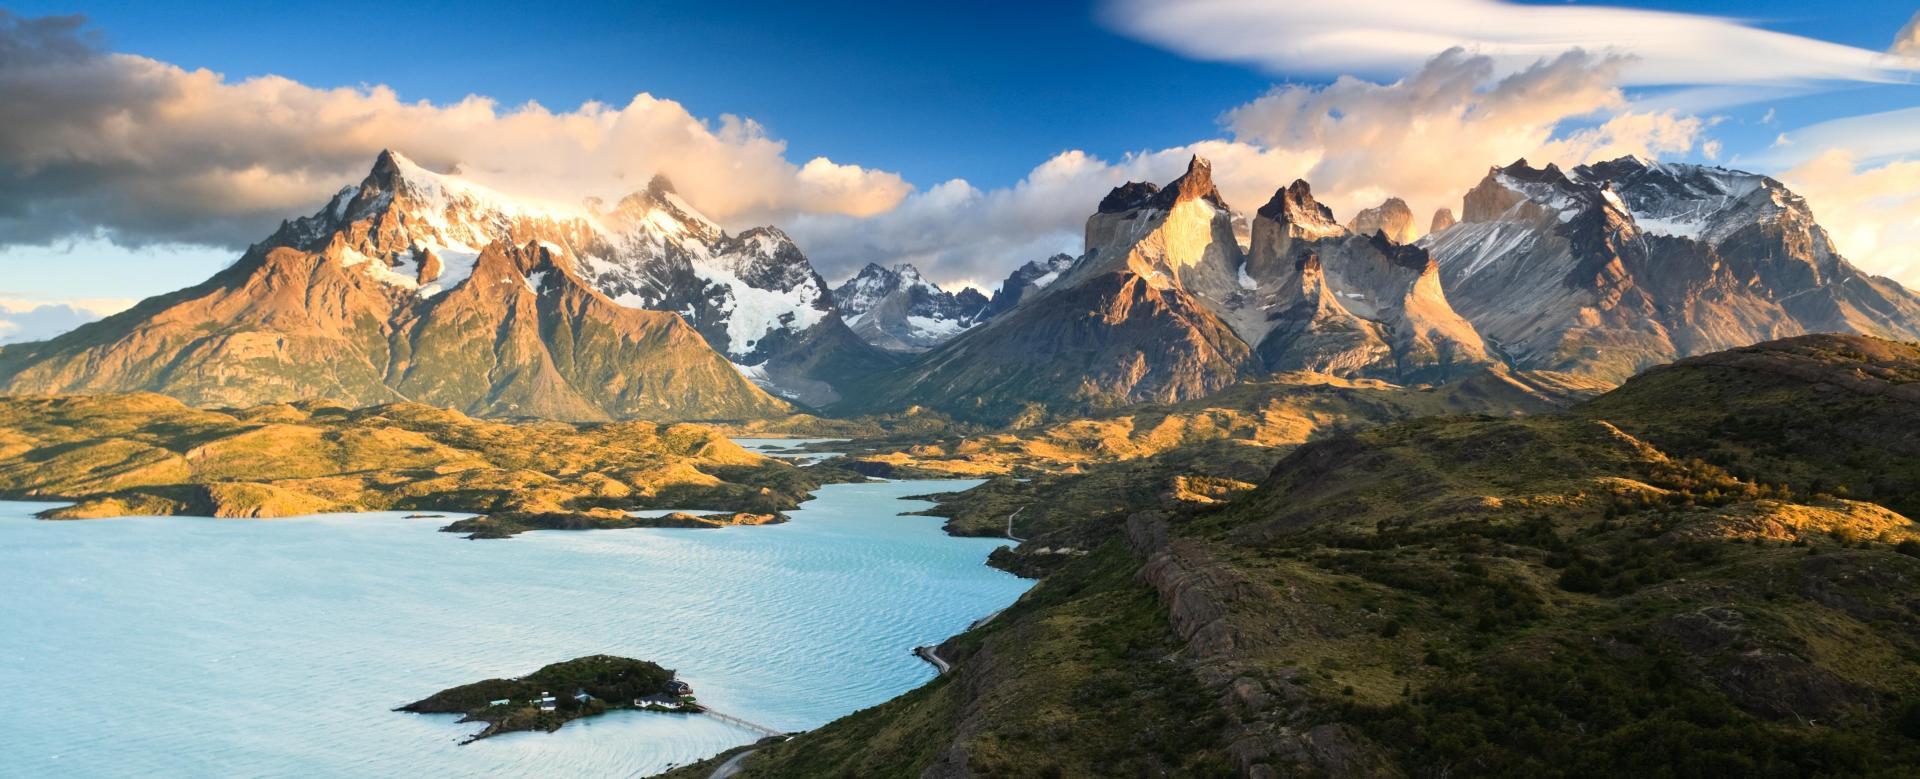 Voyage sur l'eau : Ushuaia et les géants de patagonie